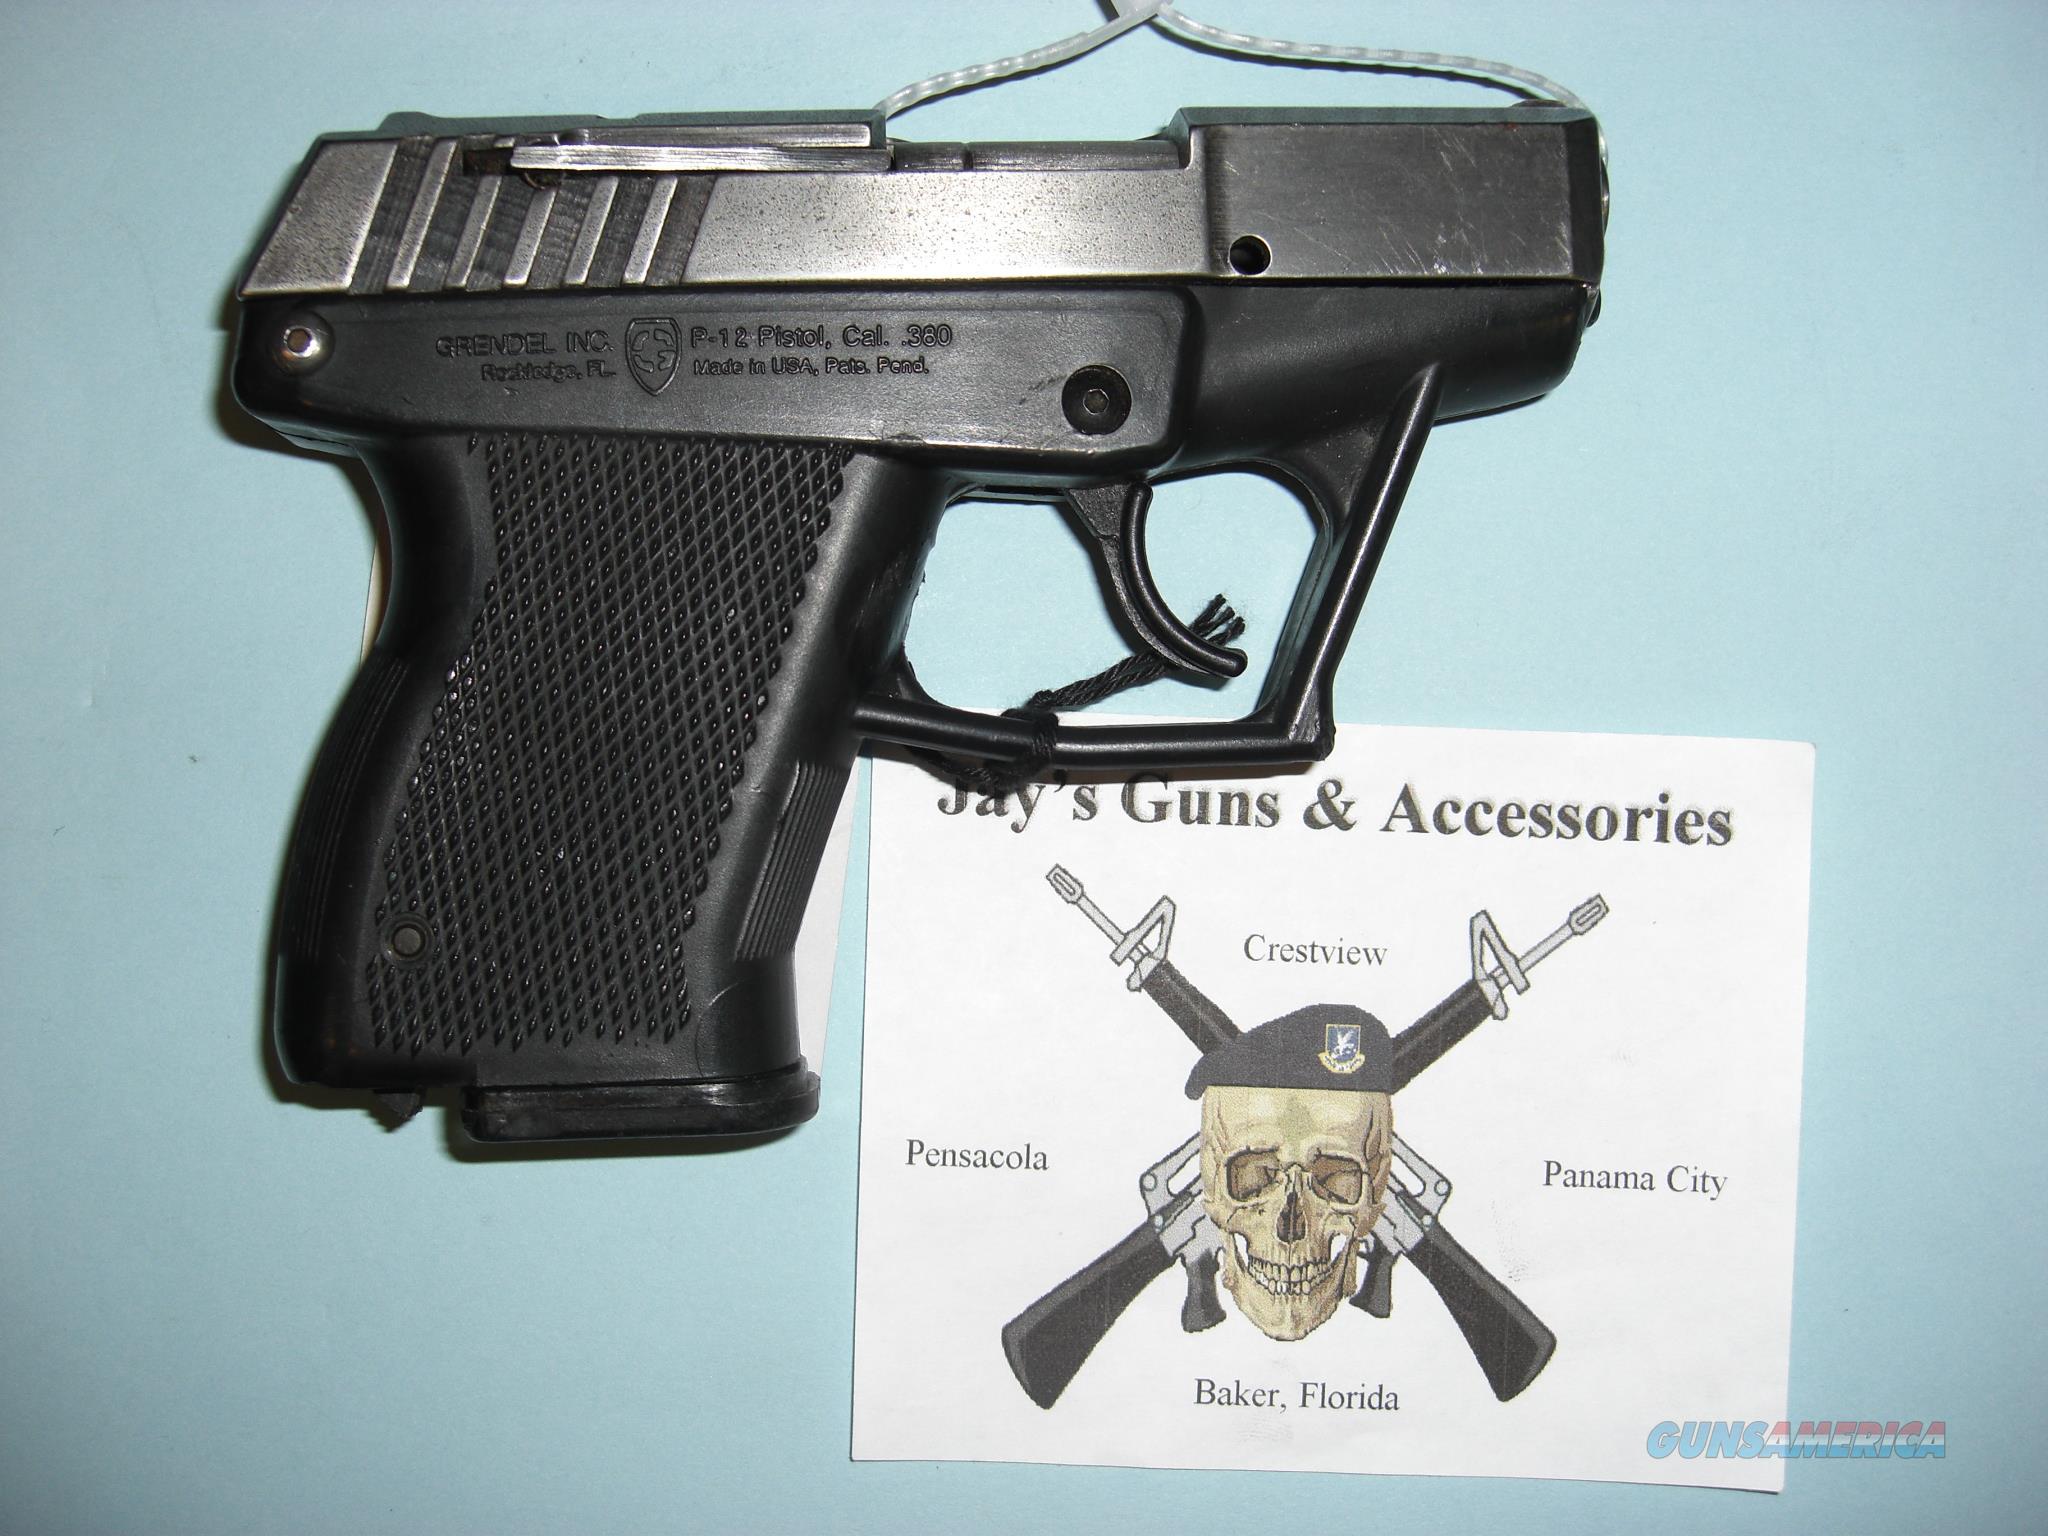 Grendel, Inc P-12  Guns > Pistols > Grendel Pistols